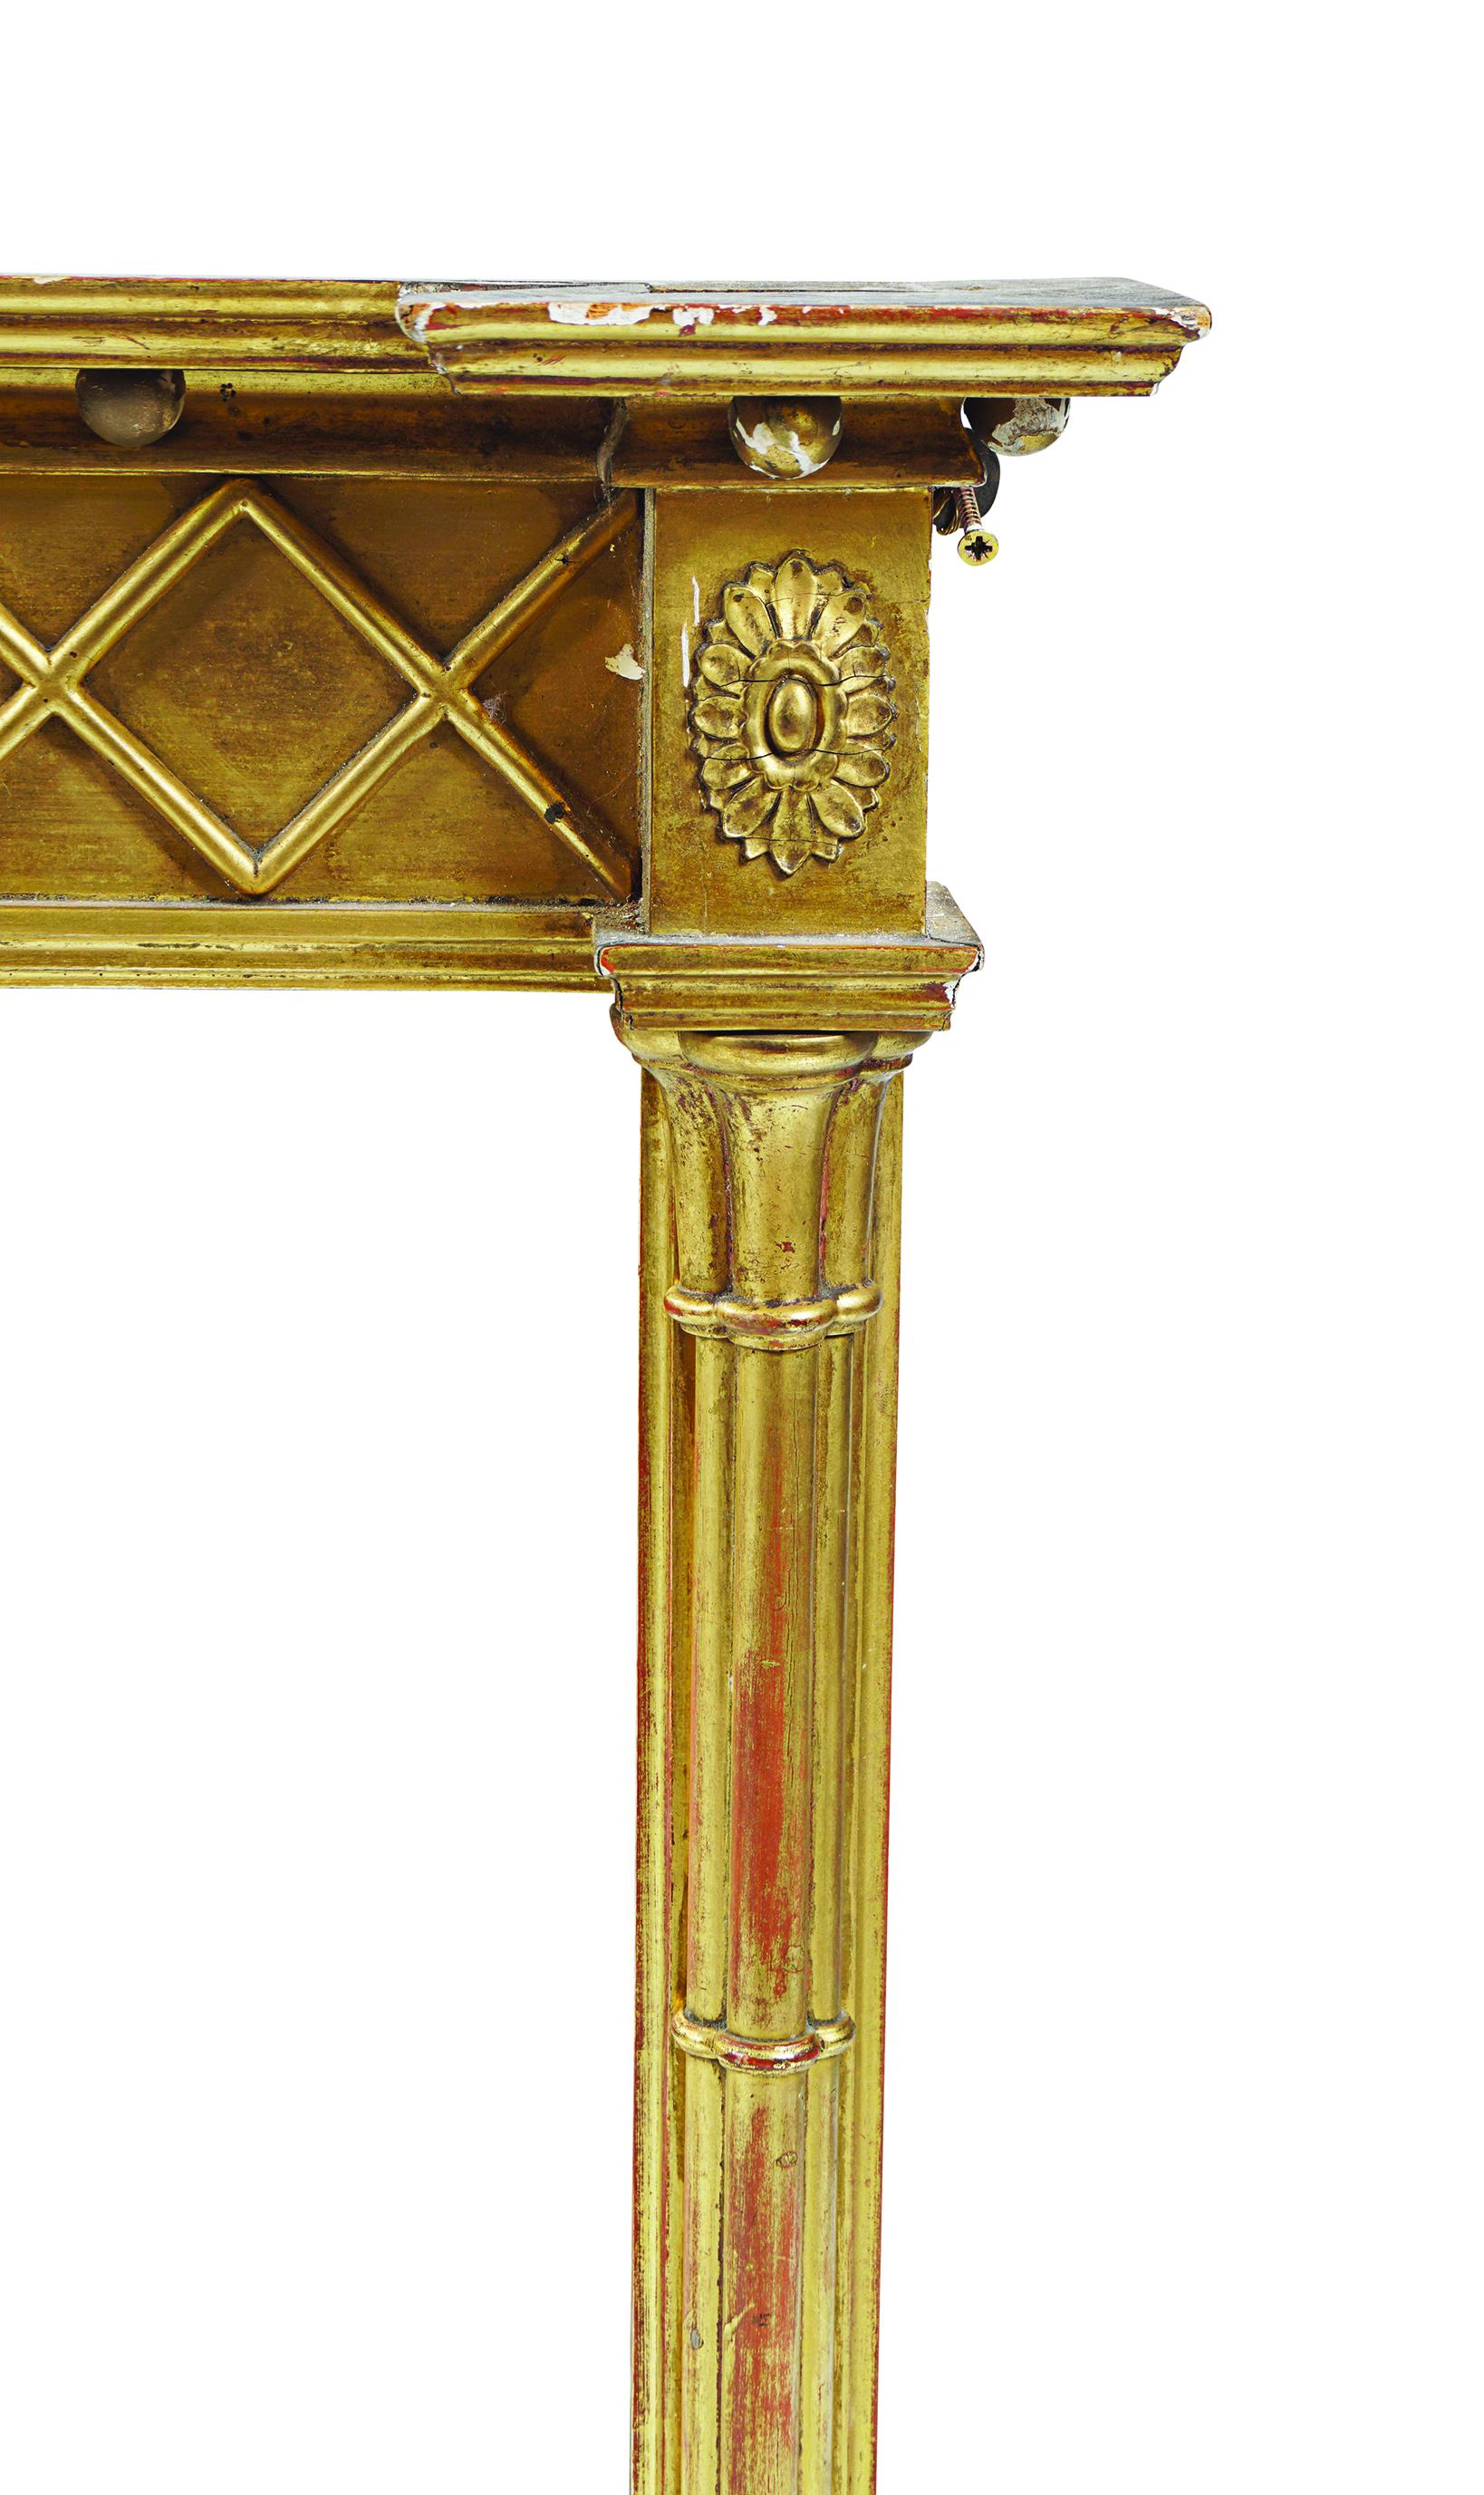 REGENCY PERIOD GILT FRAMED OVER-MANTLE MIRROR - Image 2 of 2